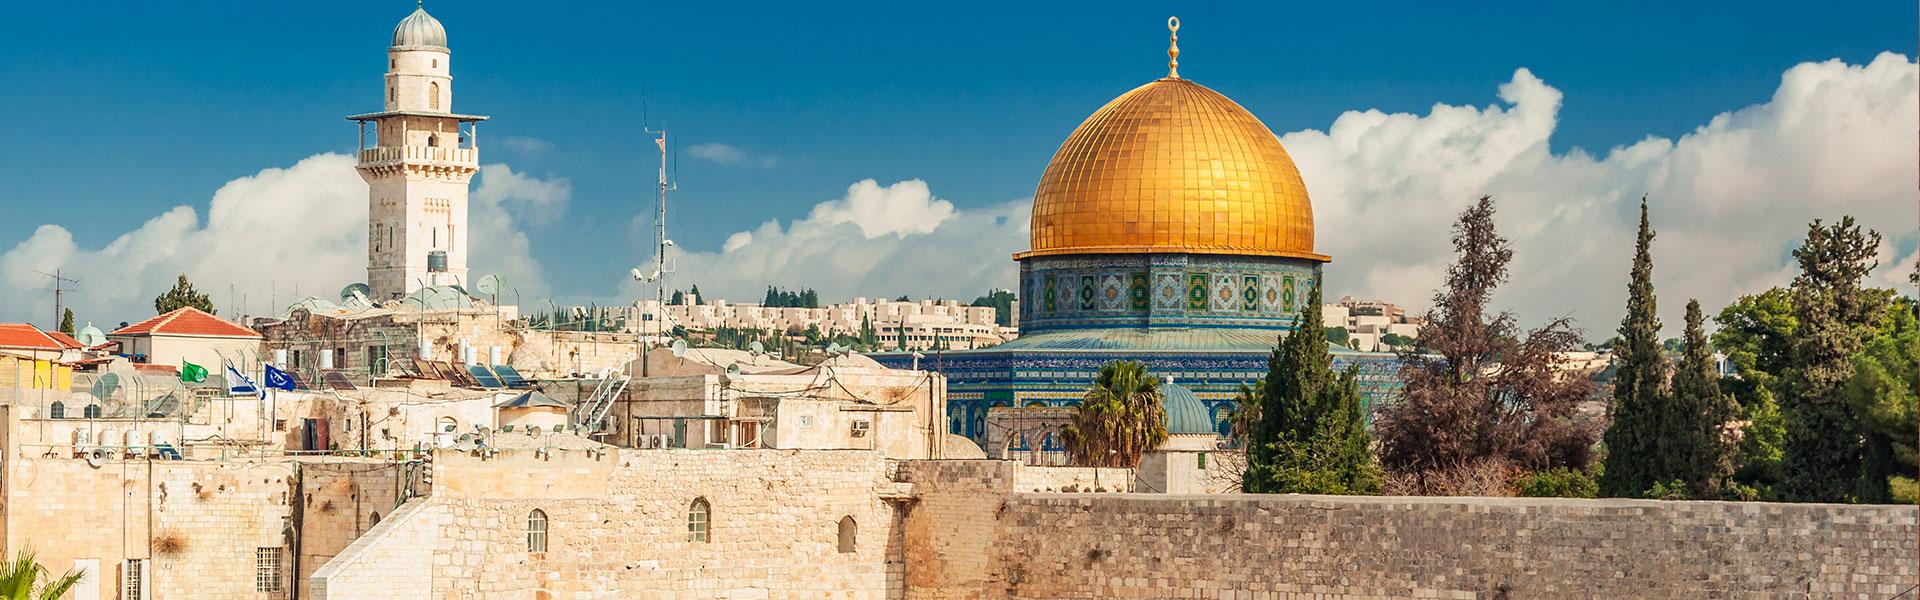 Tour de Jérusalem et Spa de la Mer Morte